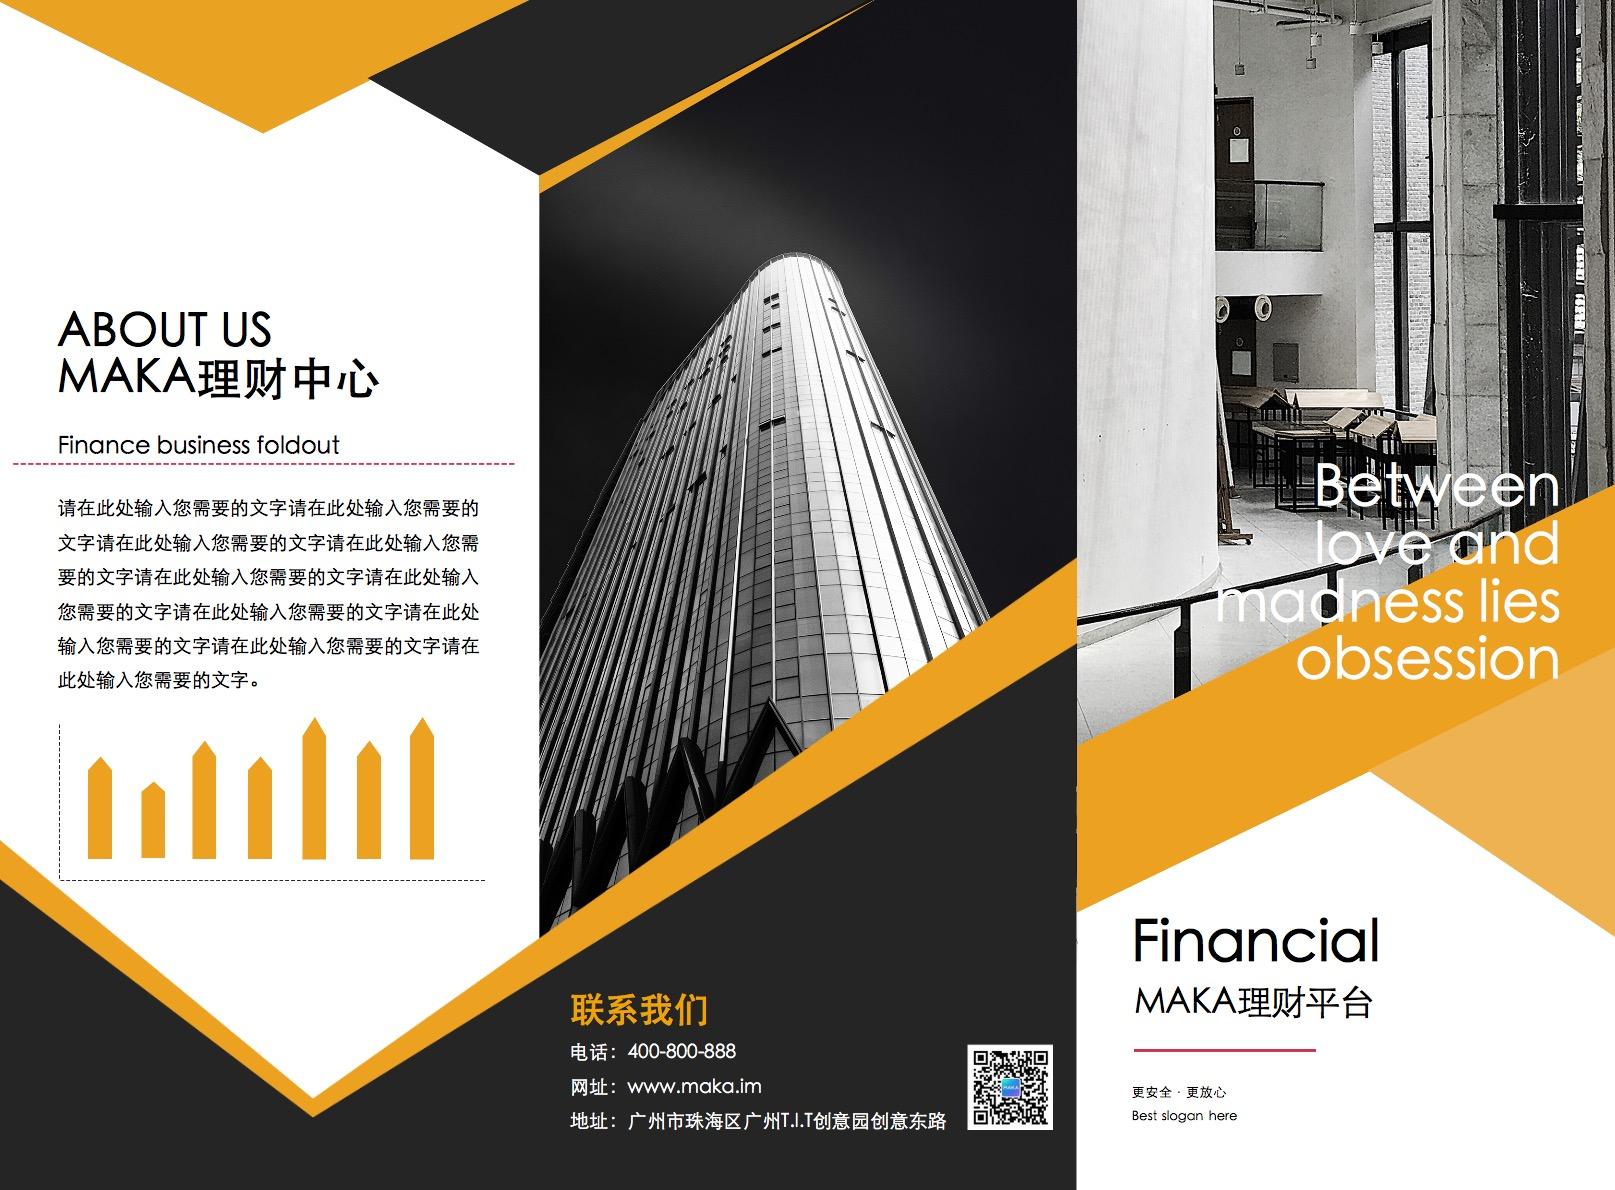 经典商务黑金理财平台金融行业宣传三折页